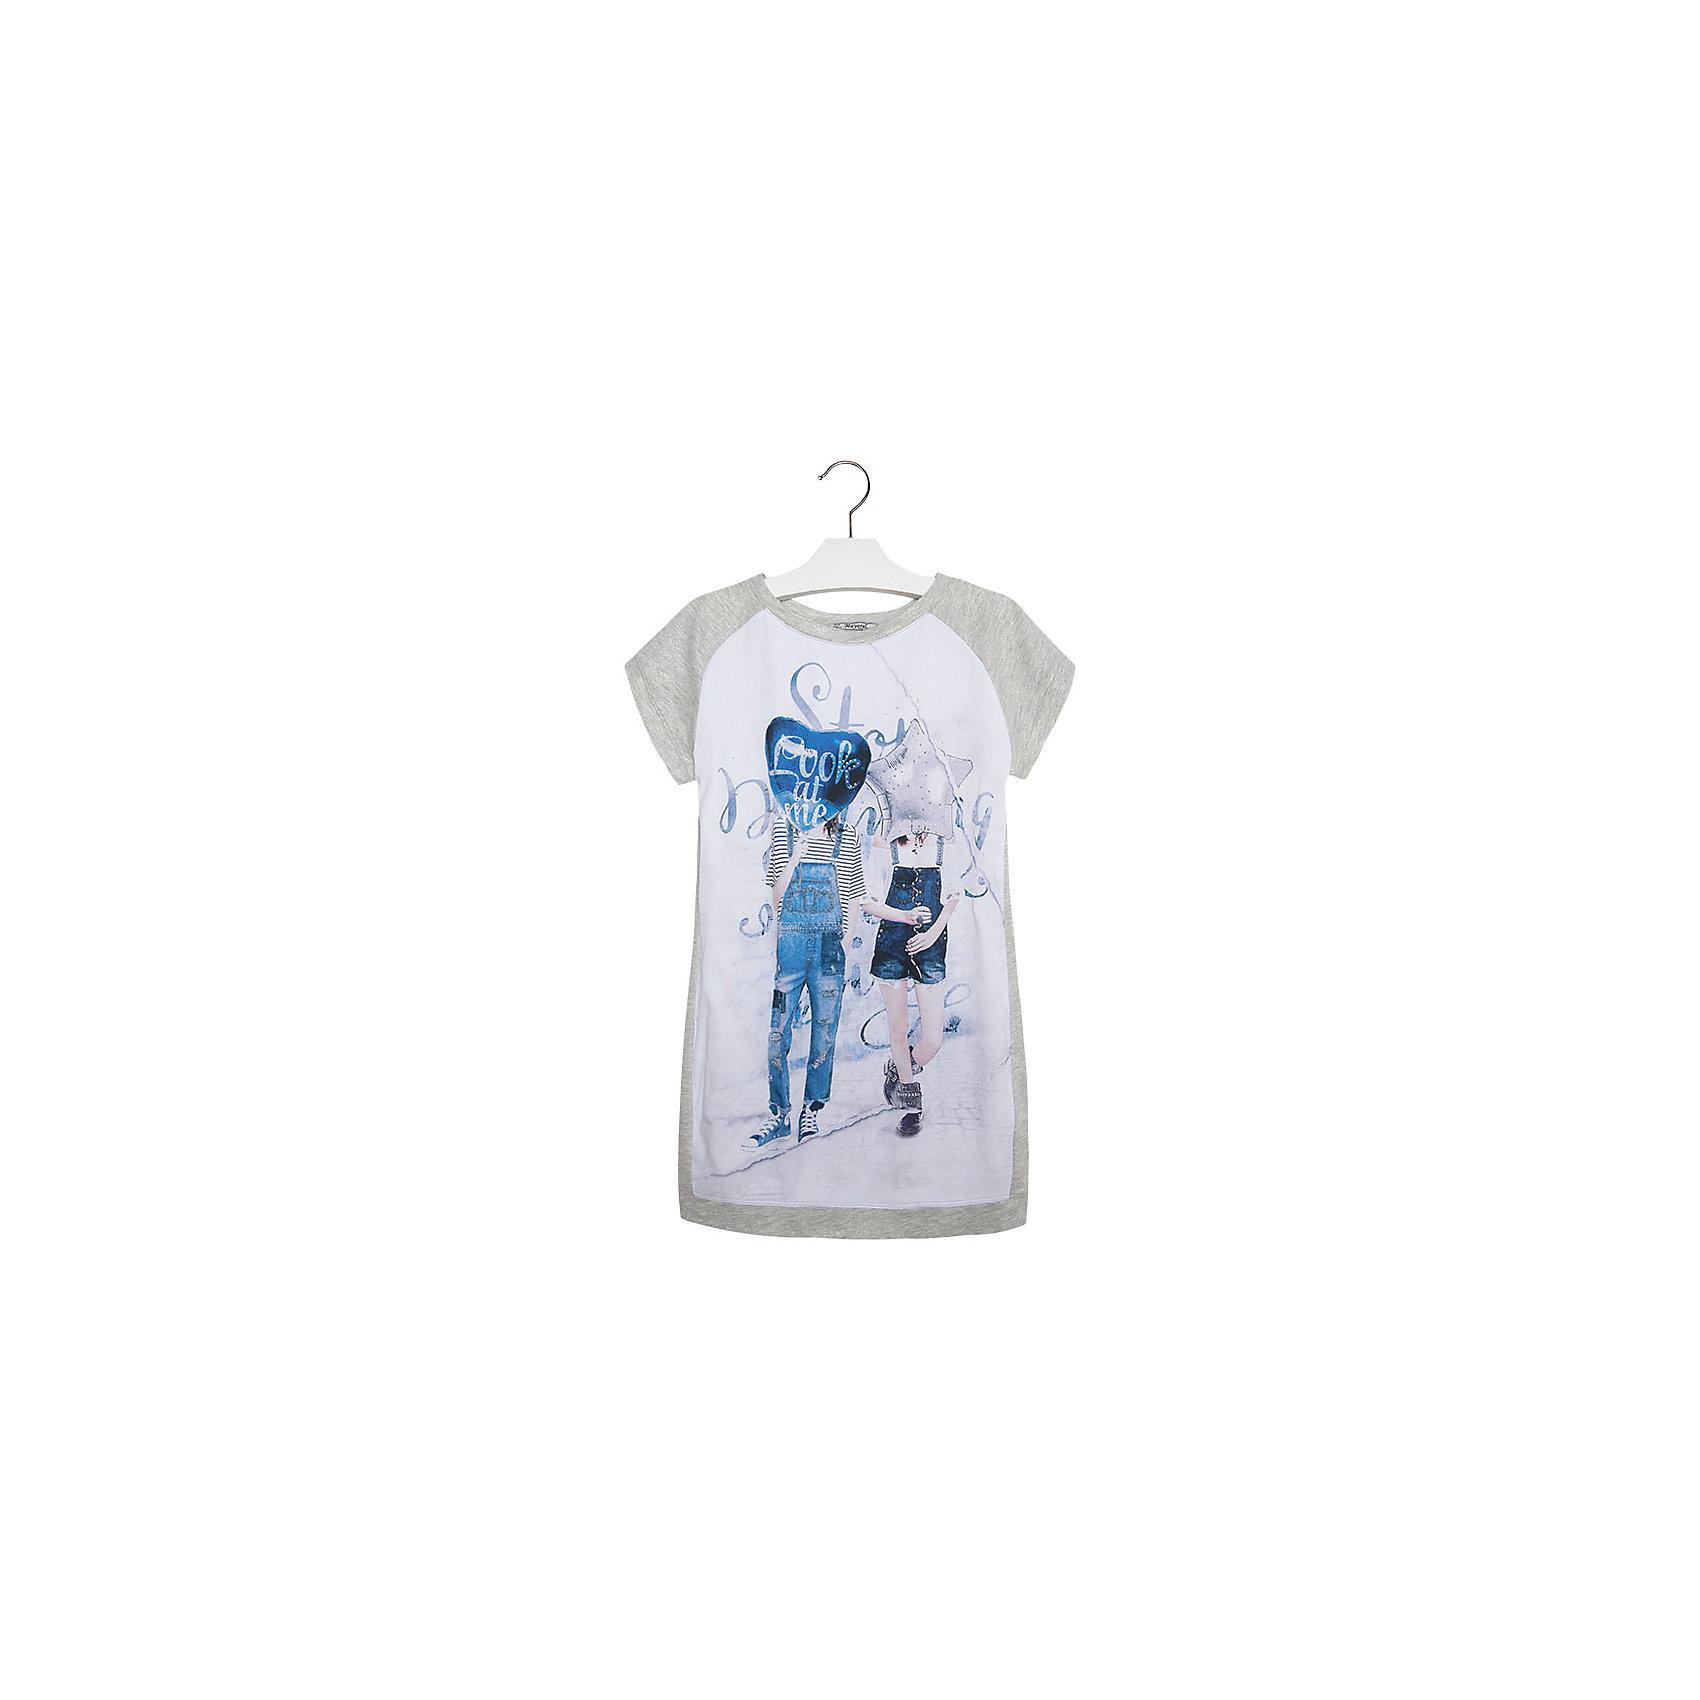 Платье для девочки MayoralПлатье для девочки от известной испанской марки Mayoral приведет в восторг всех юных модниц!<br><br>Дополнительная информация.<br><br>- Мягкая трикотажная ткань.<br>- Округлый вырез горловины.<br>- Яркий принт спереди.<br>- Однотонная спинка. <br>- Застегивается на пуговицу на спине. <br>- Состав: верх - 65 % полиэстер, 35 % хлопок, подкладка - 100% полиэстер.<br><br>Платье для девочки Mayoral (Майорал) можно купить в нашем магазине.<br><br>Ширина мм: 236<br>Глубина мм: 16<br>Высота мм: 184<br>Вес г: 177<br>Цвет: серый<br>Возраст от месяцев: 84<br>Возраст до месяцев: 96<br>Пол: Женский<br>Возраст: Детский<br>Размер: 128,170,140,164,158,152<br>SKU: 4543567